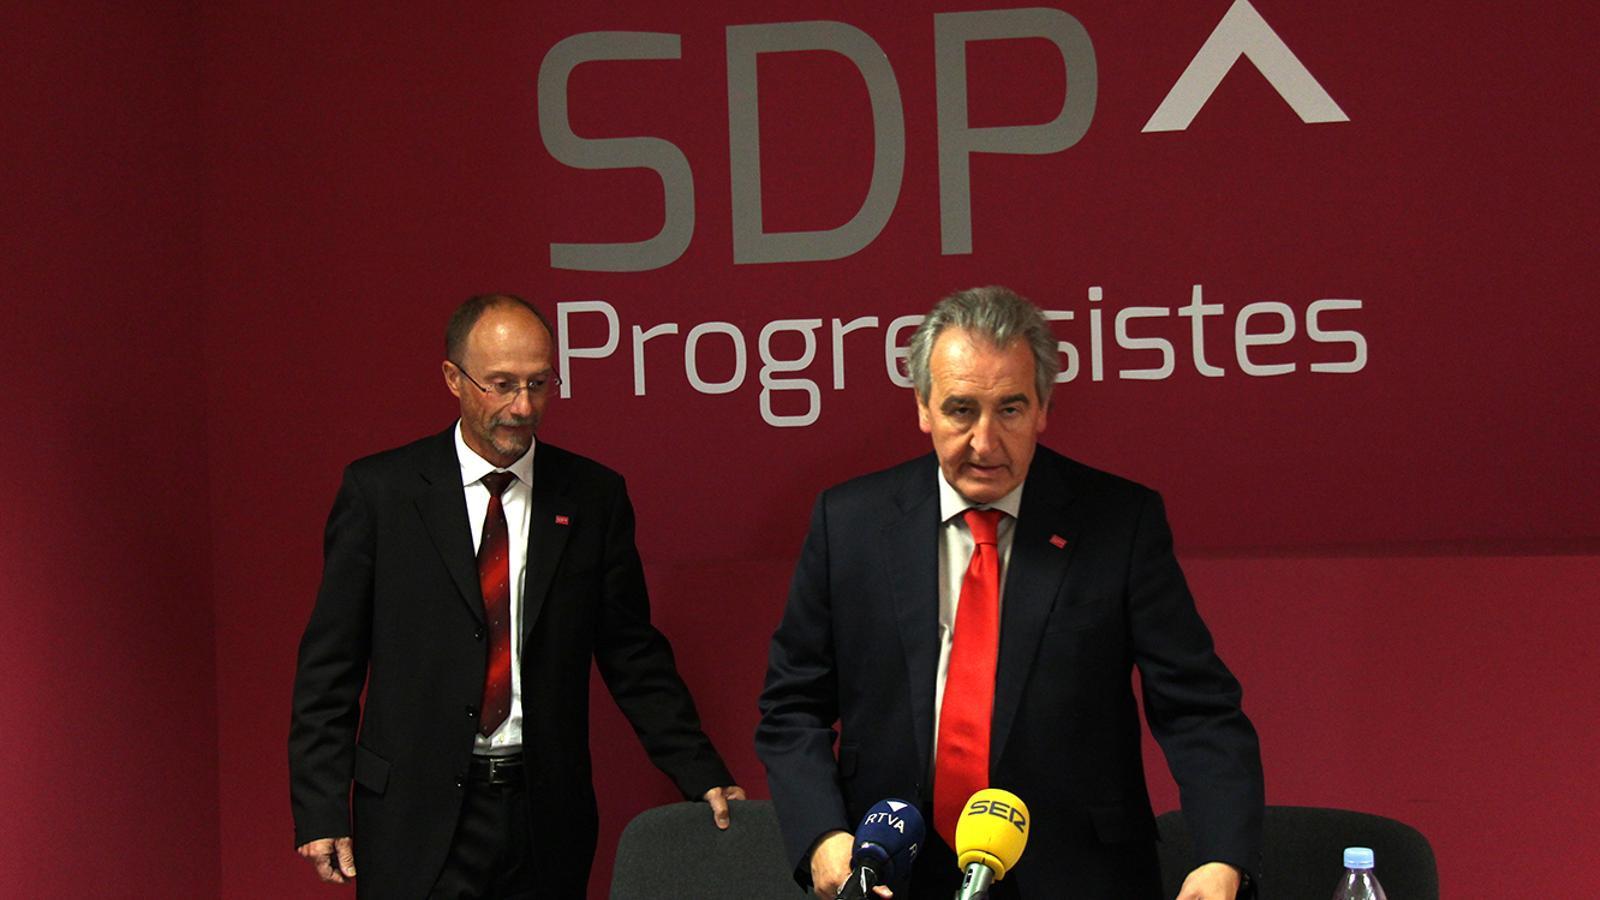 El conseller d'SDP, Víctor Naudi, i el president de la formació, Jaume Bartumeu, moments abans de la roda de premsa. / M. F.